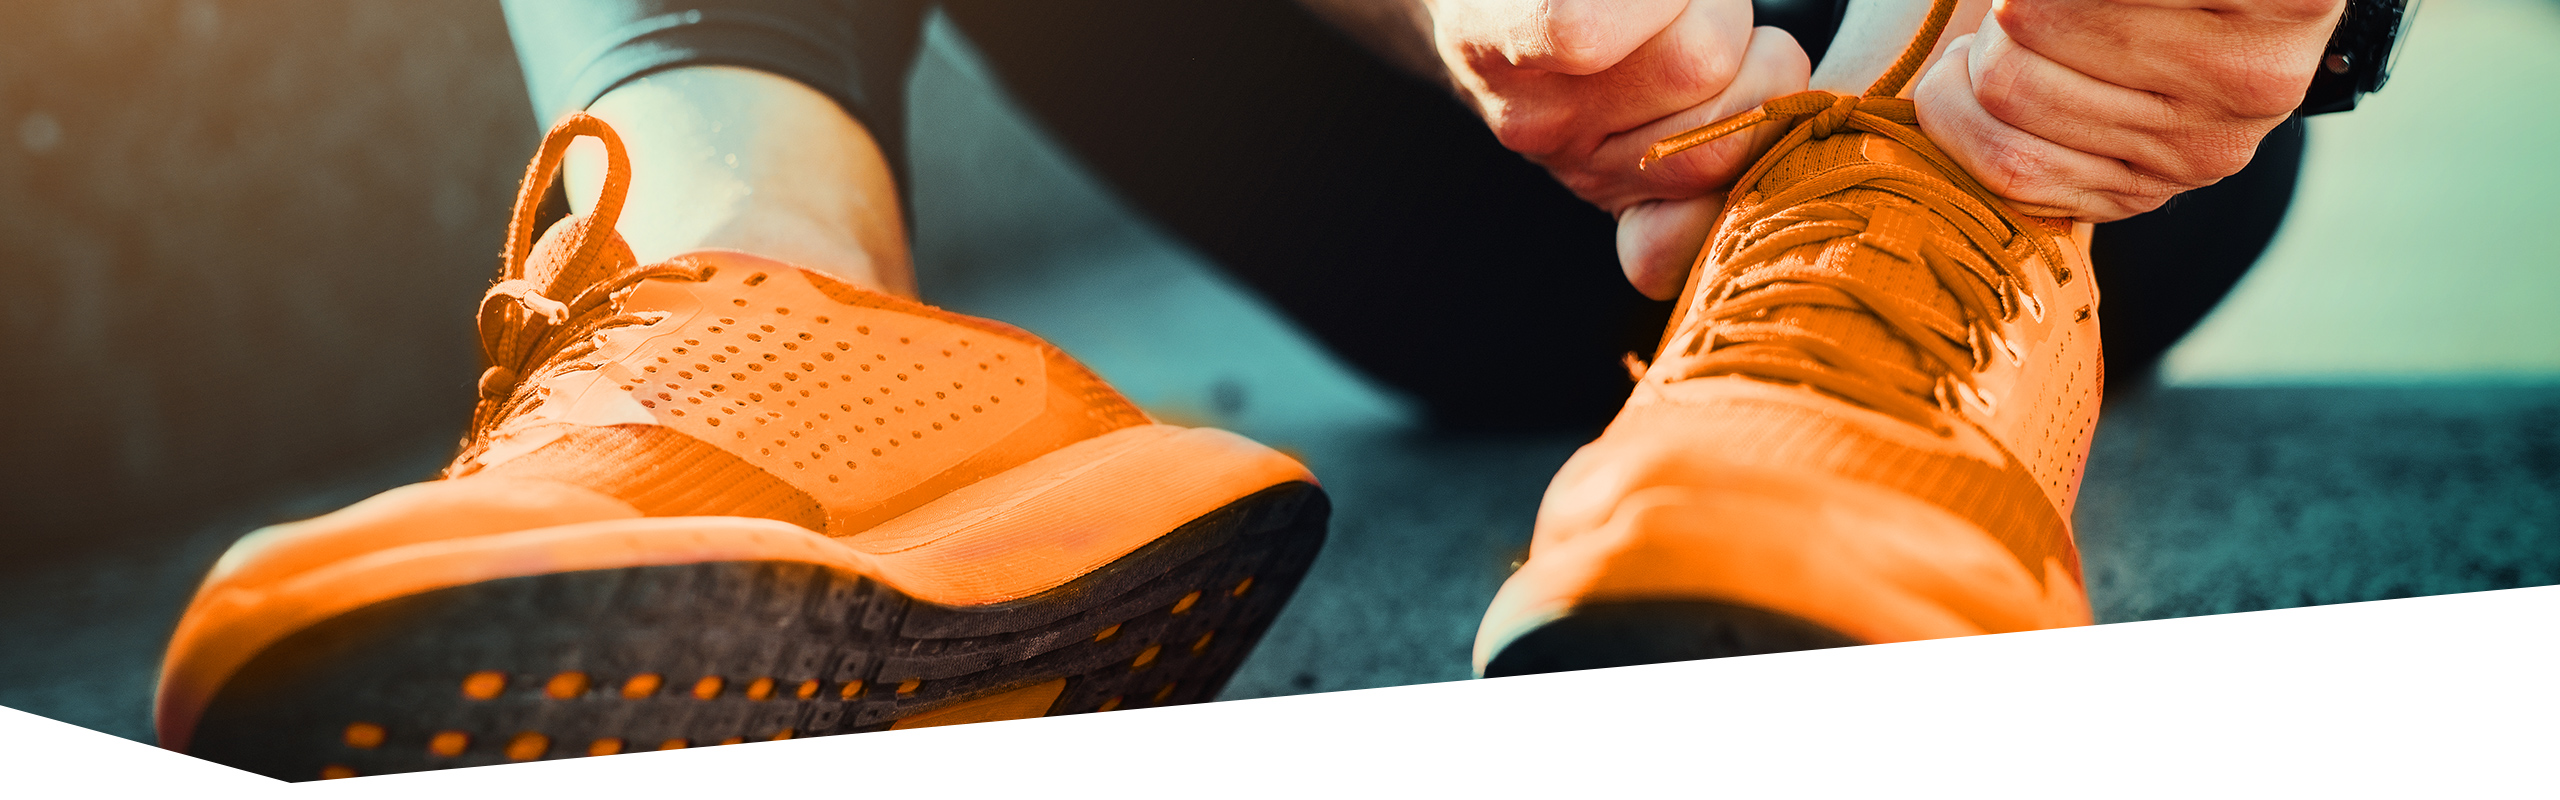 Sportler schnürt sich orange Turnschuhe zu, dabei sind nur die Füße und Hände zu sehen